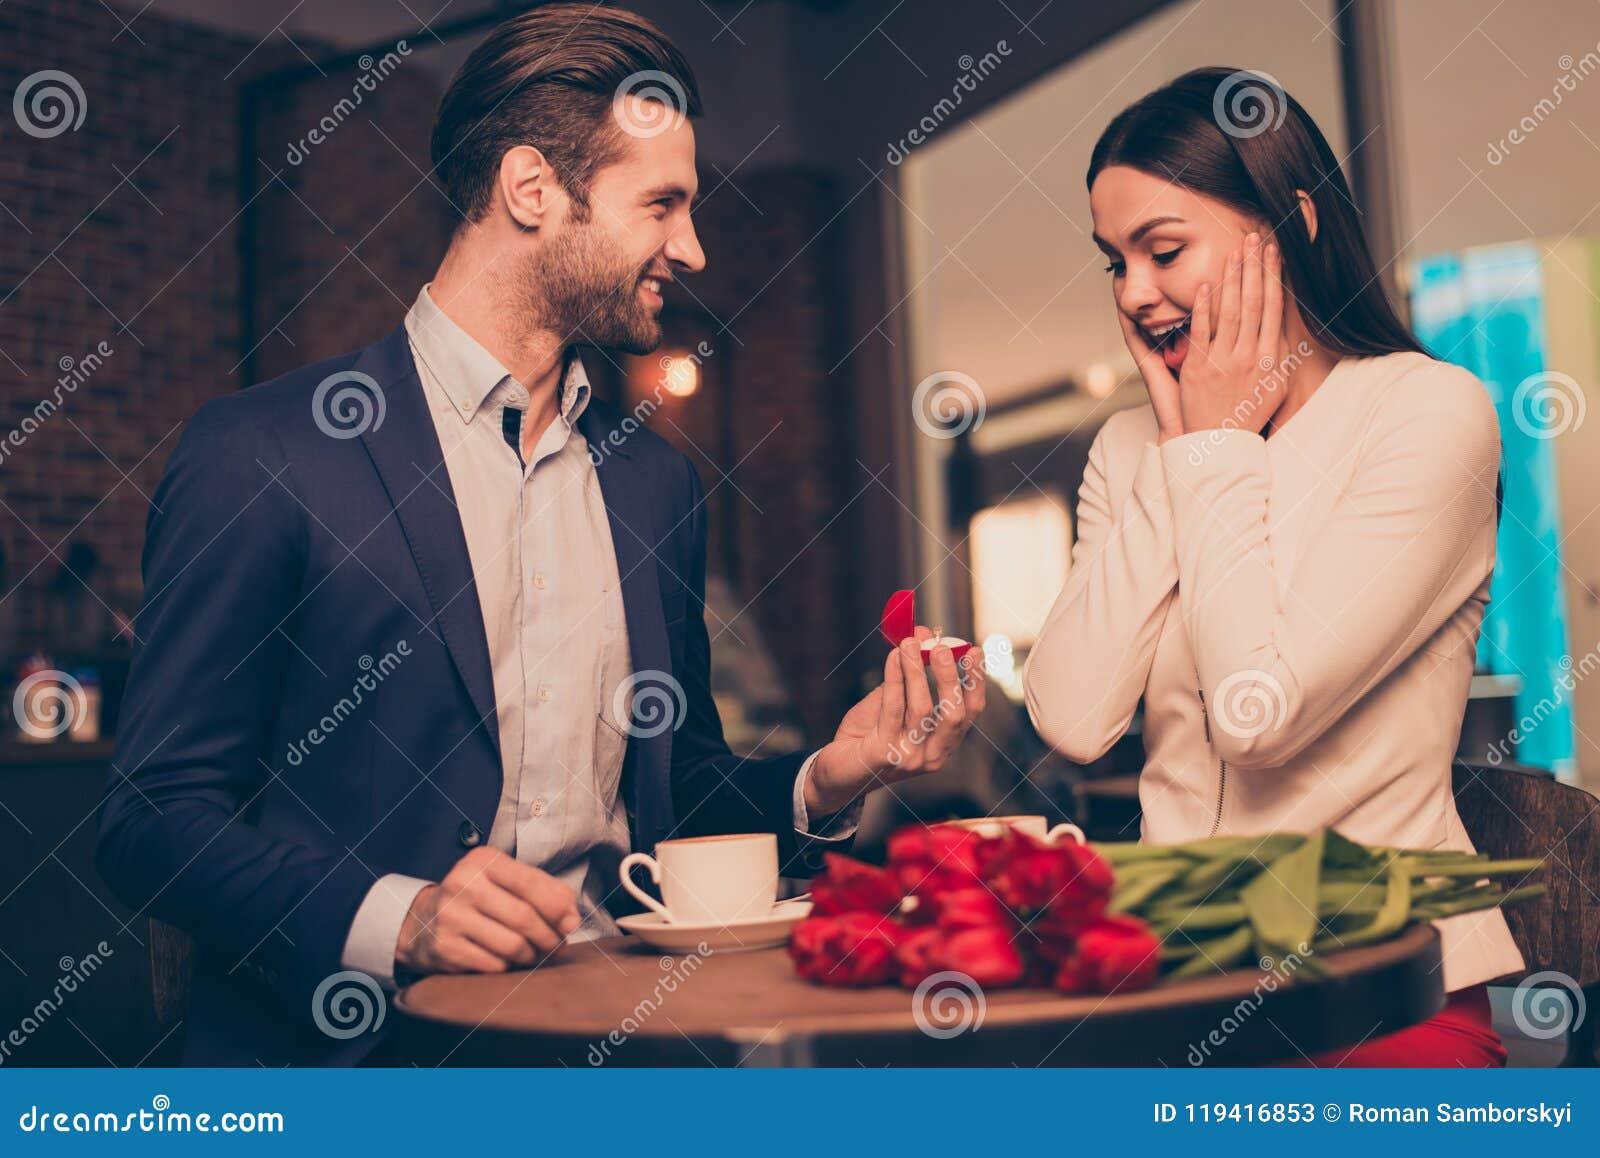 提出在一个咖啡馆的提案与圆环和花意想不到的片刻蜜月首饰敲响金刚石金黄概念妻子丈夫